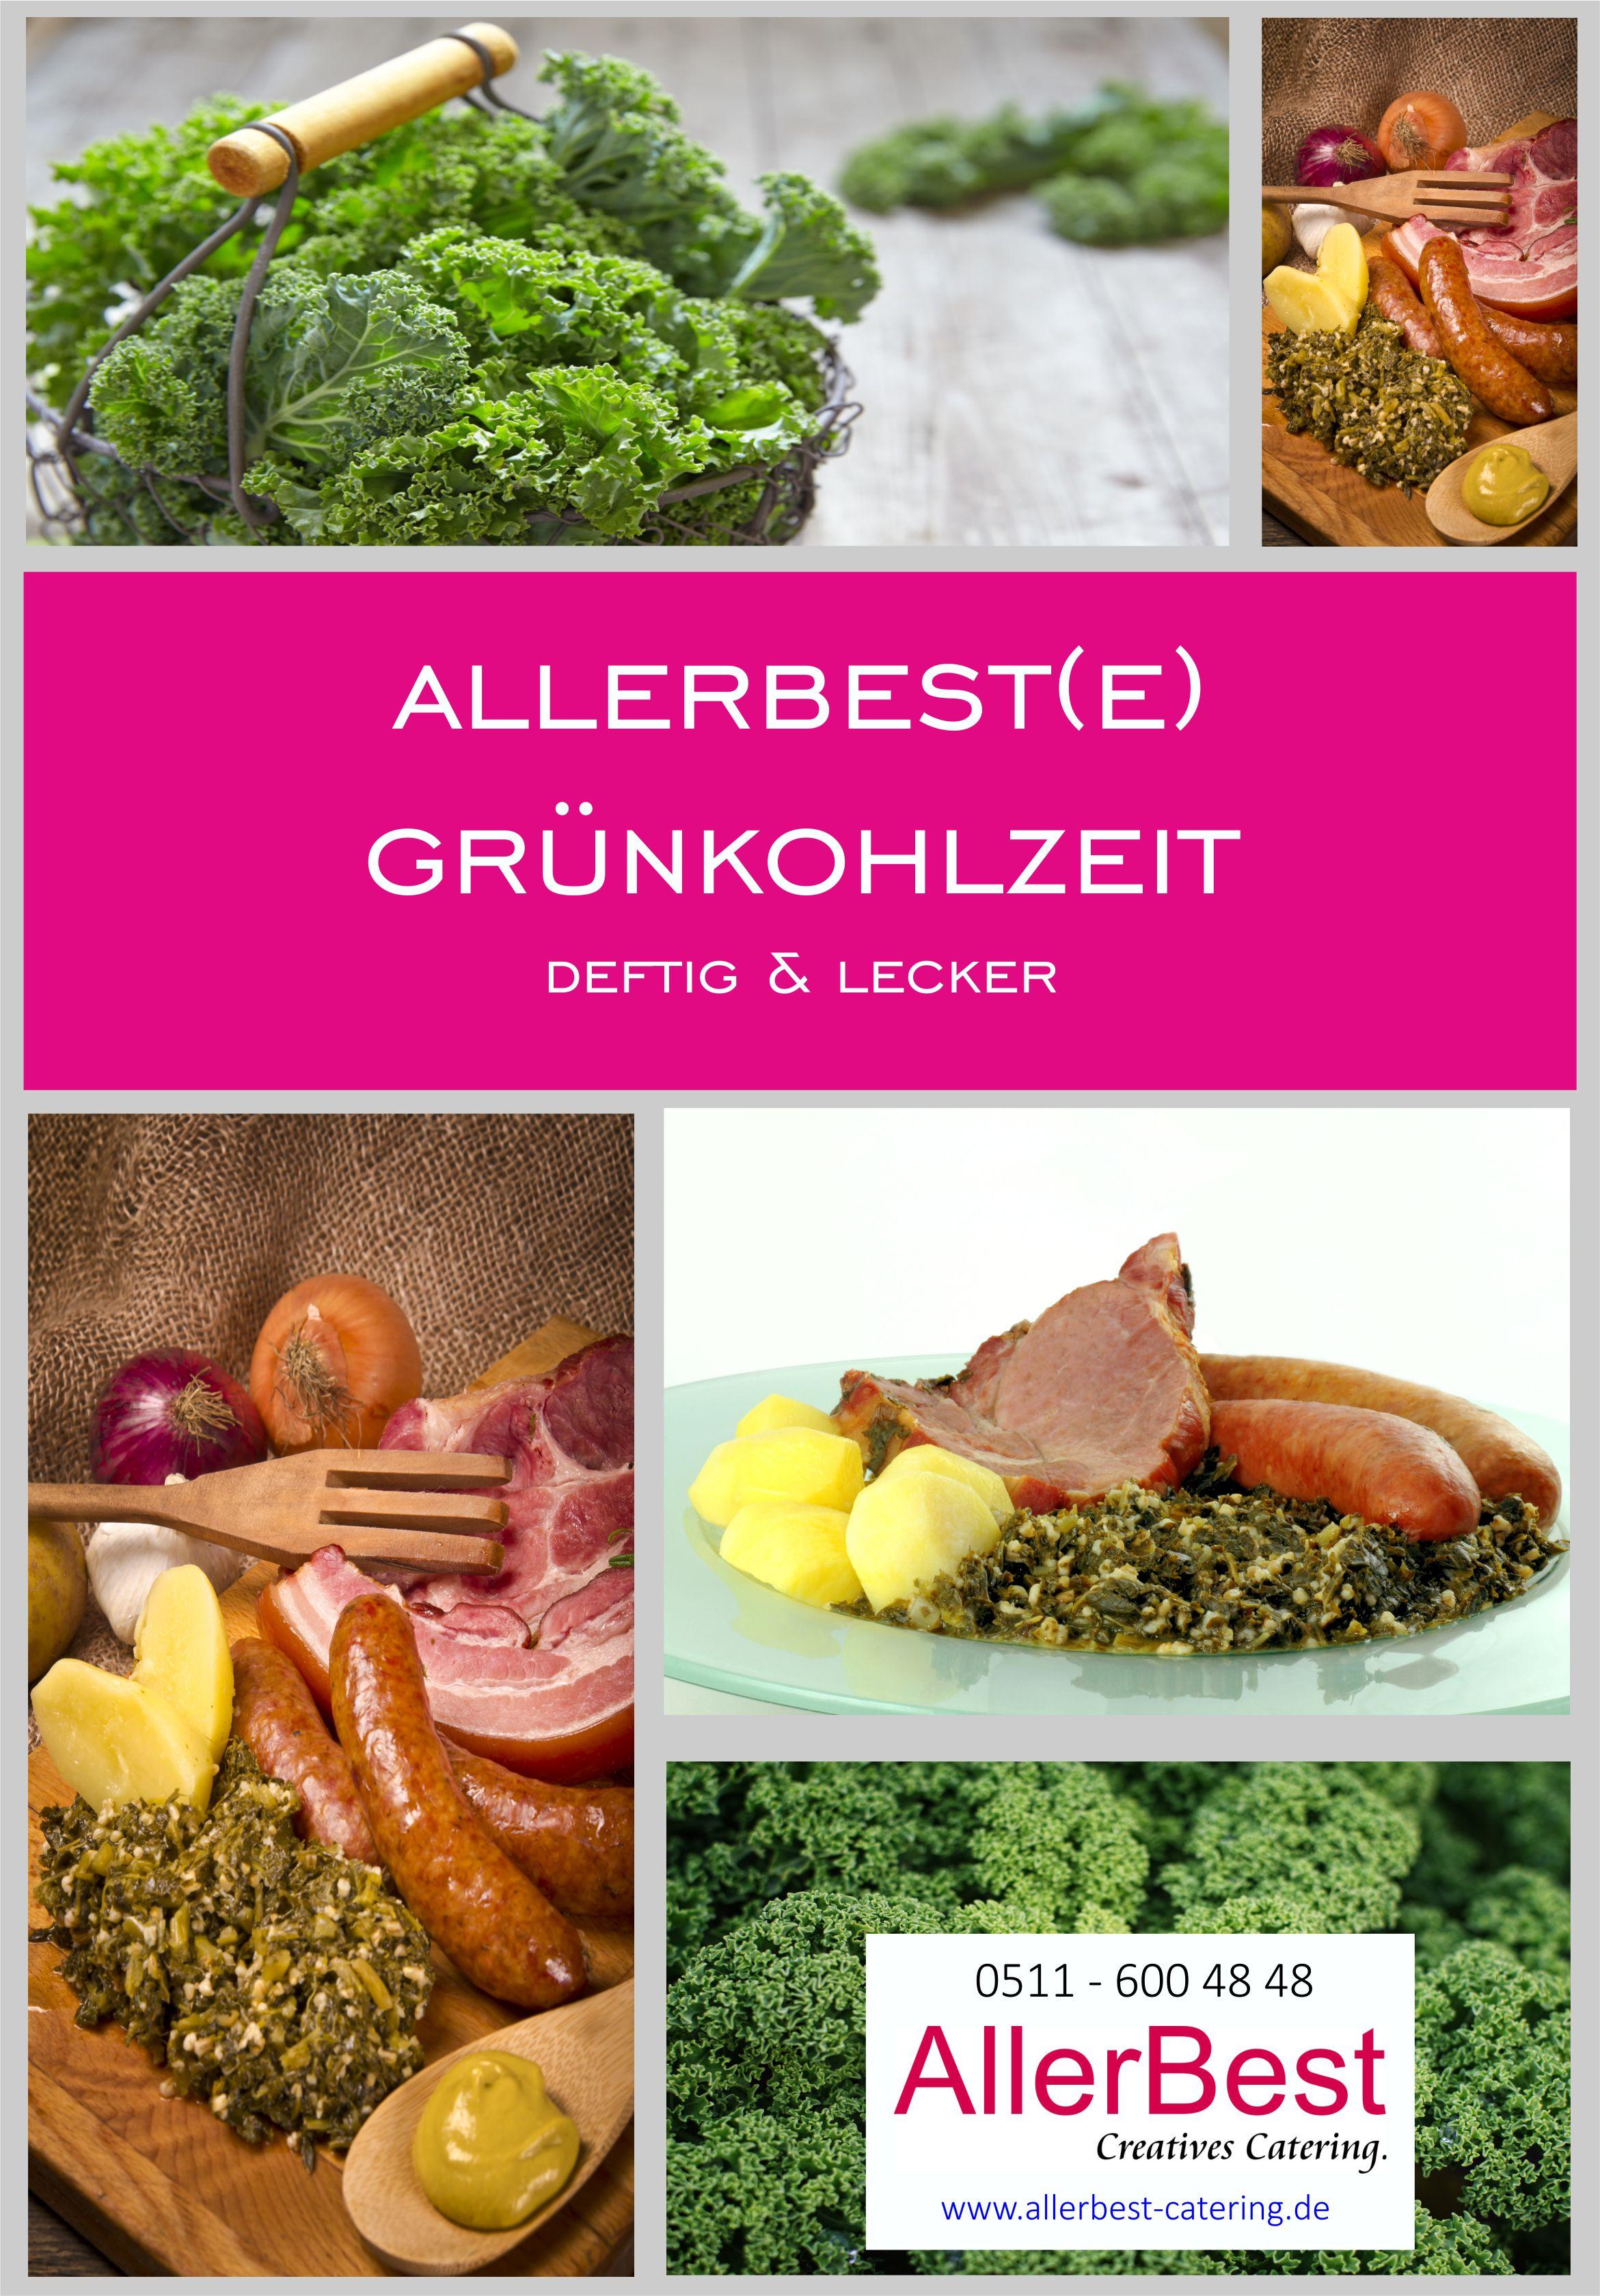 Titelblatt Grünkohlzeit 2018